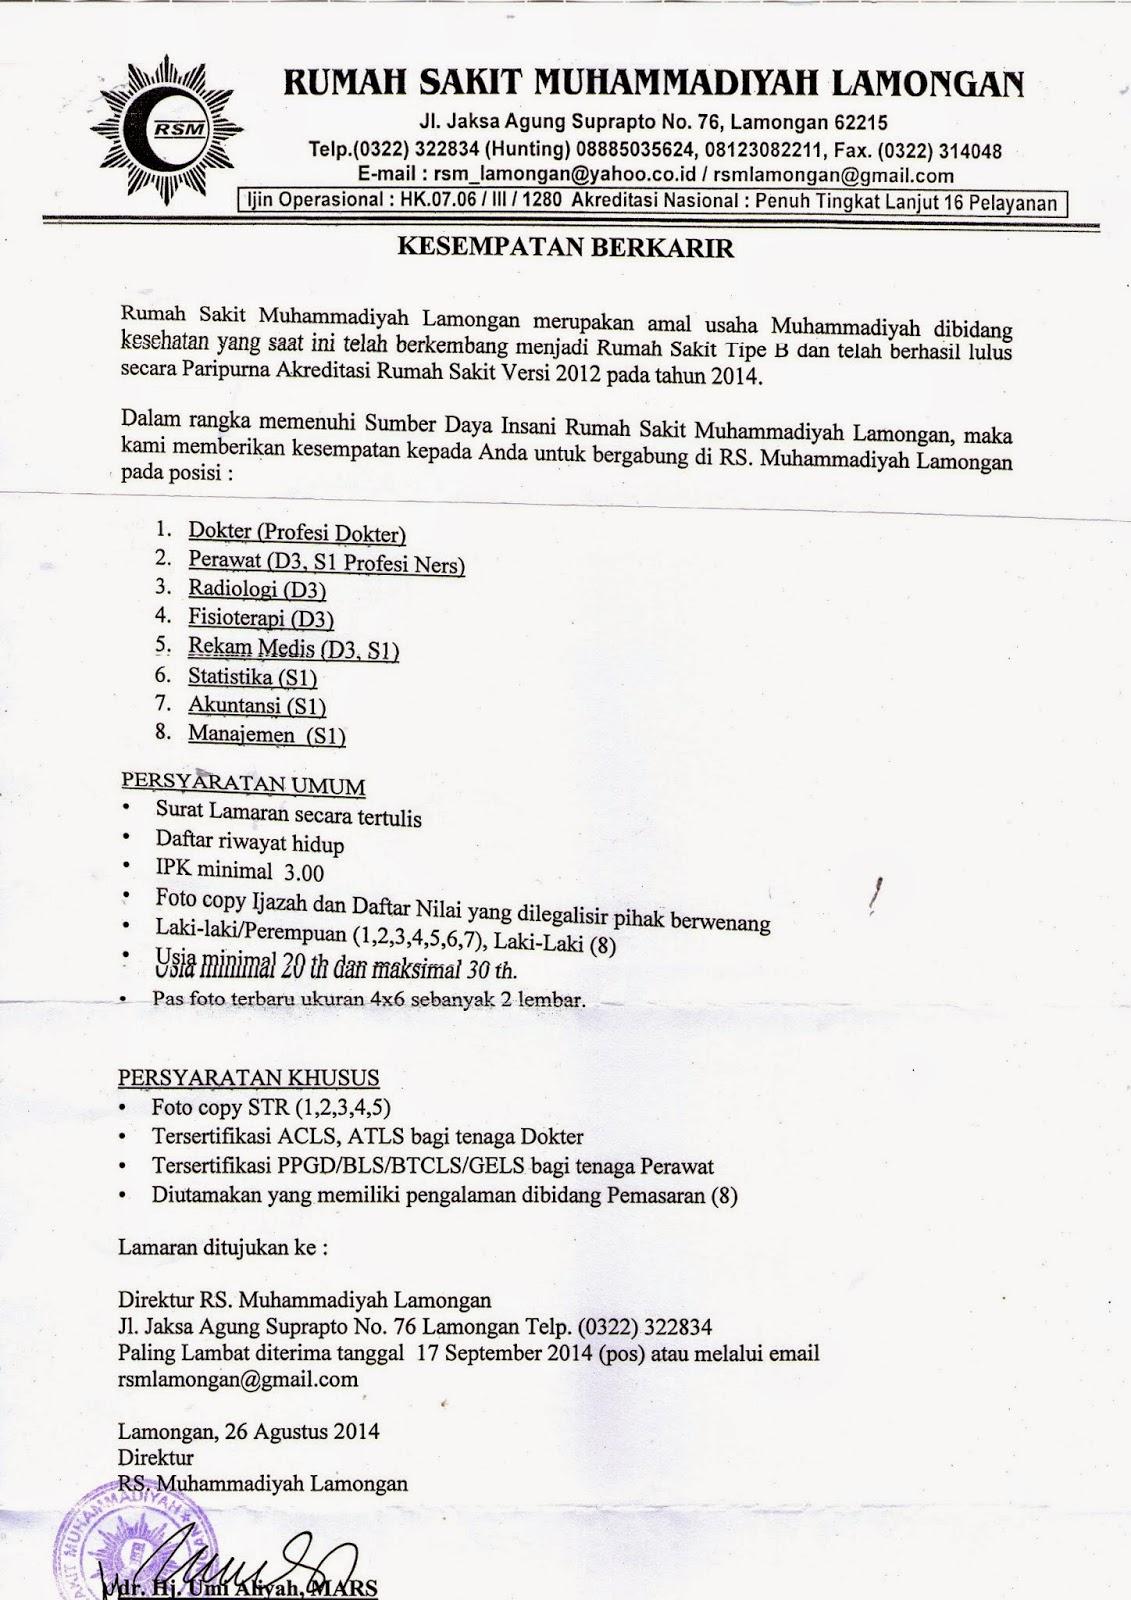 RSML MENGAJAK BERKARIR DI KOTA SOTO ~ Alumni Kedokteran